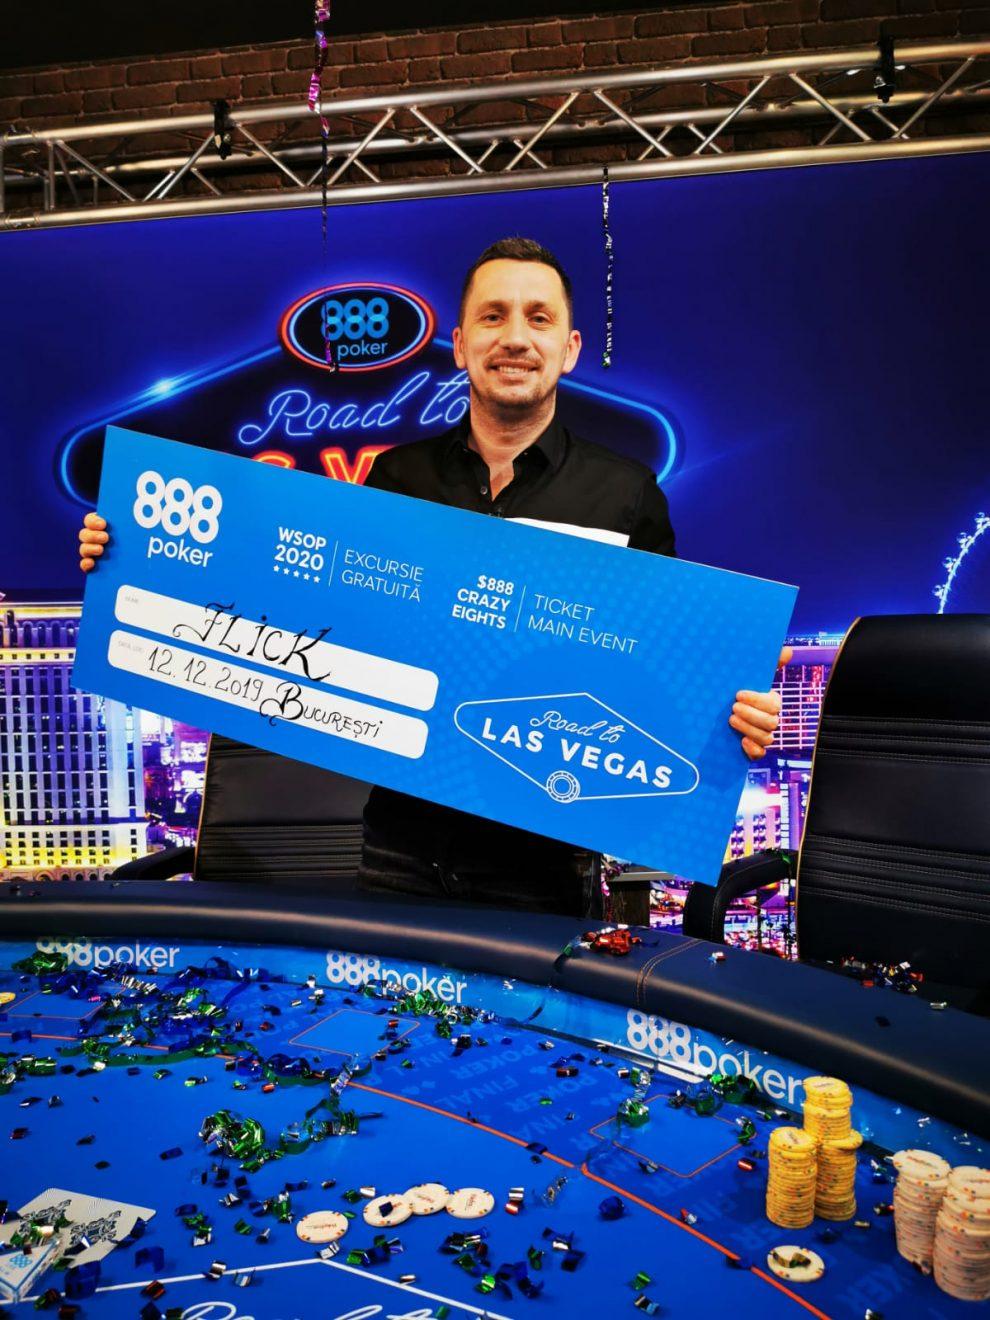 (P) Flick la poker este As, la vară merge-n Vegas